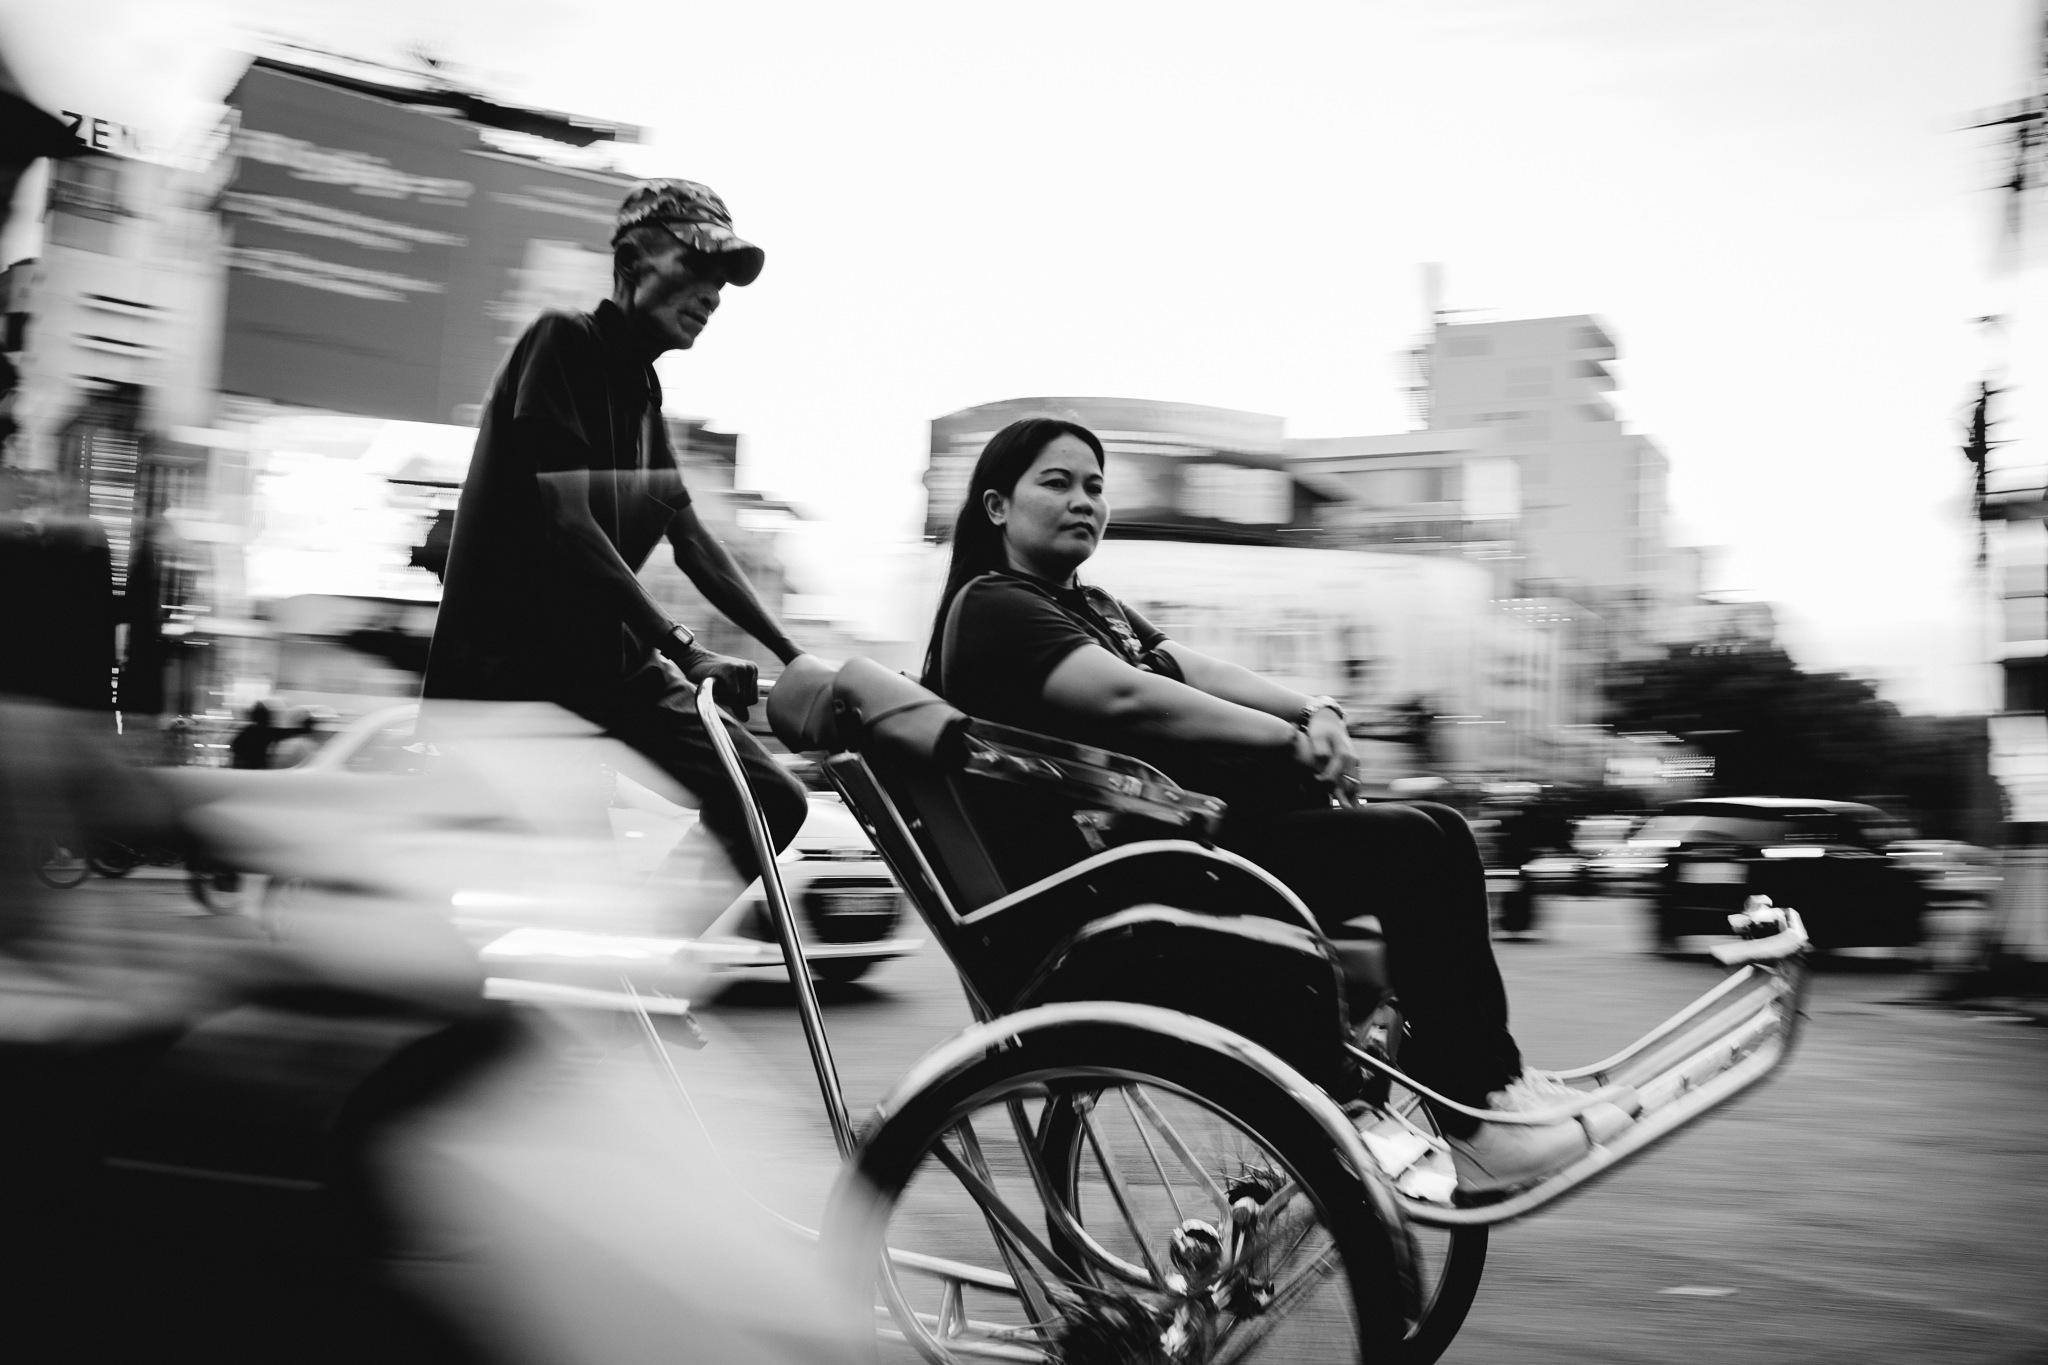 Untitled by Jason Vu Nguyen